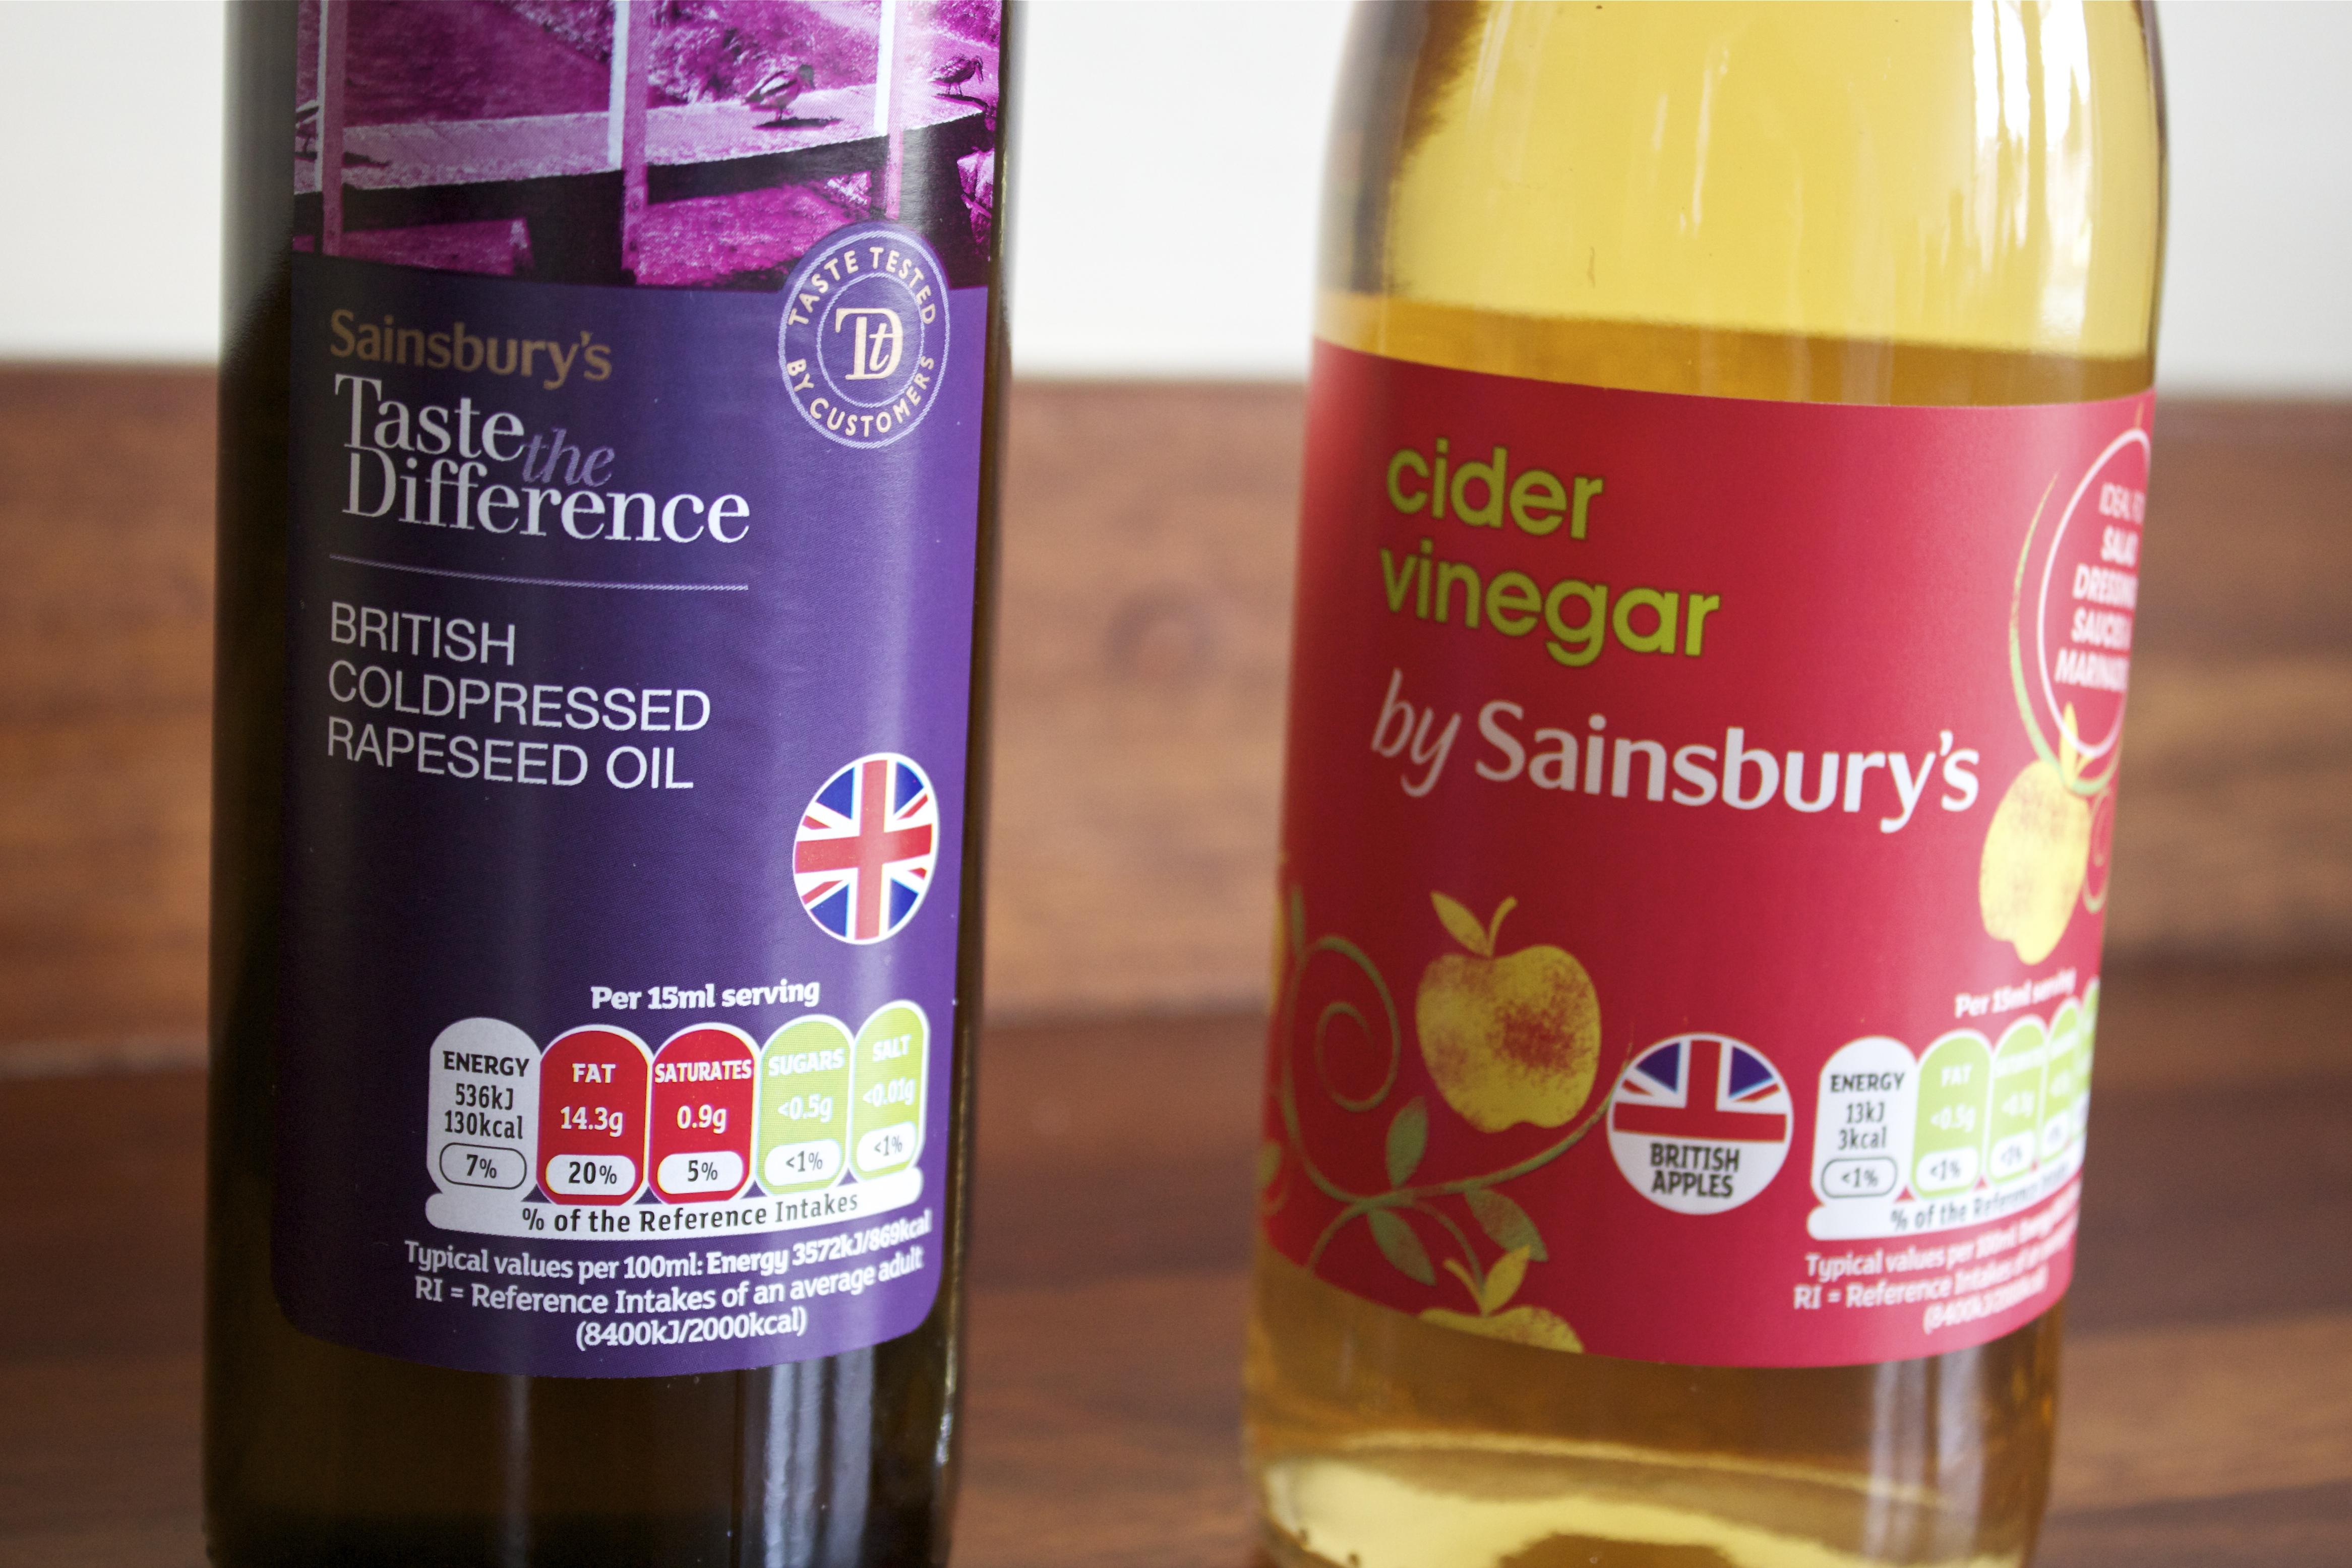 Sainsbury's, Rapeseed Oil, Cider Vinegar